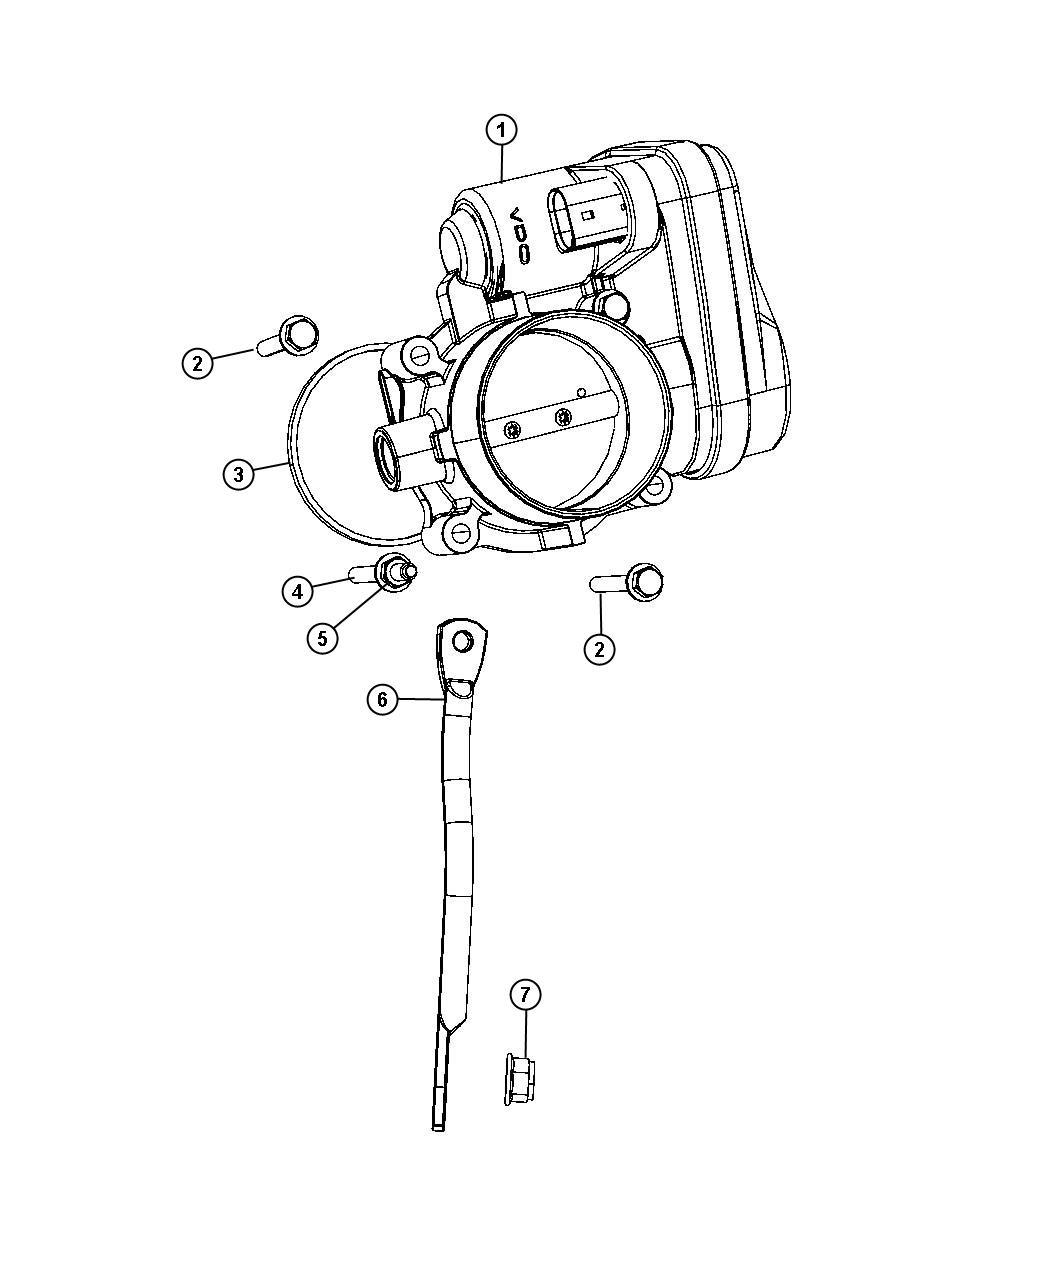 Chrysler Sebring Throttle Body